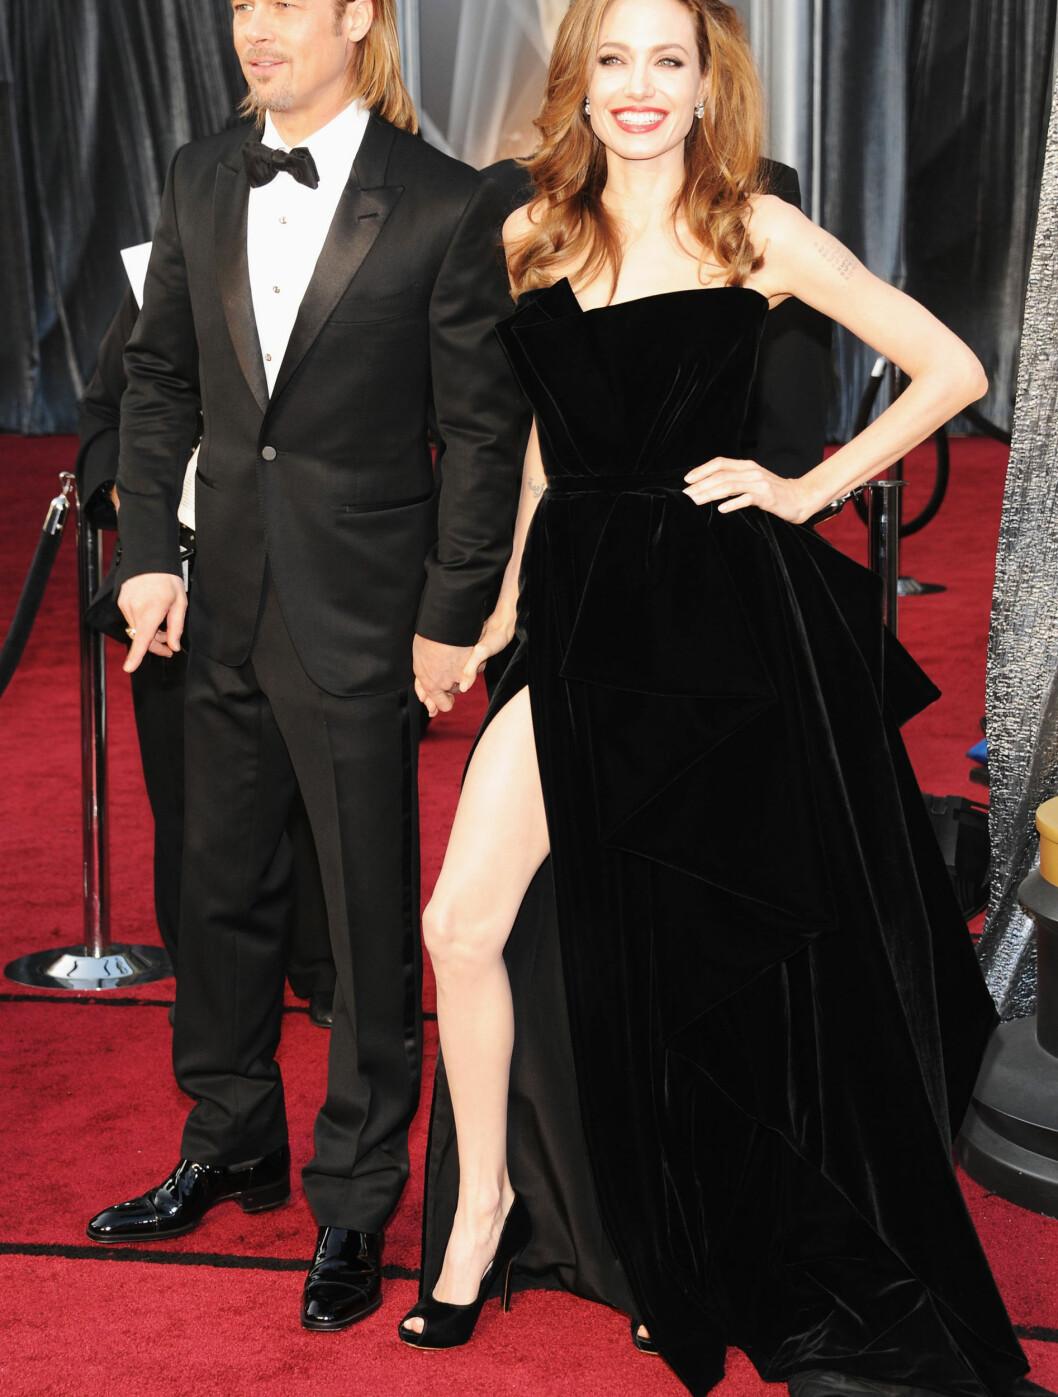 """SEXY SPLITT: Brad Pitt og Angelina Jolie stjal som vanlig all oppmerksomheten da de ankom """"The Academy Awards"""". Angelina hadde på seg en sort fløyelskjole med en svært dristig splitt fra Atelier Versace.  Foto: All Over Press"""